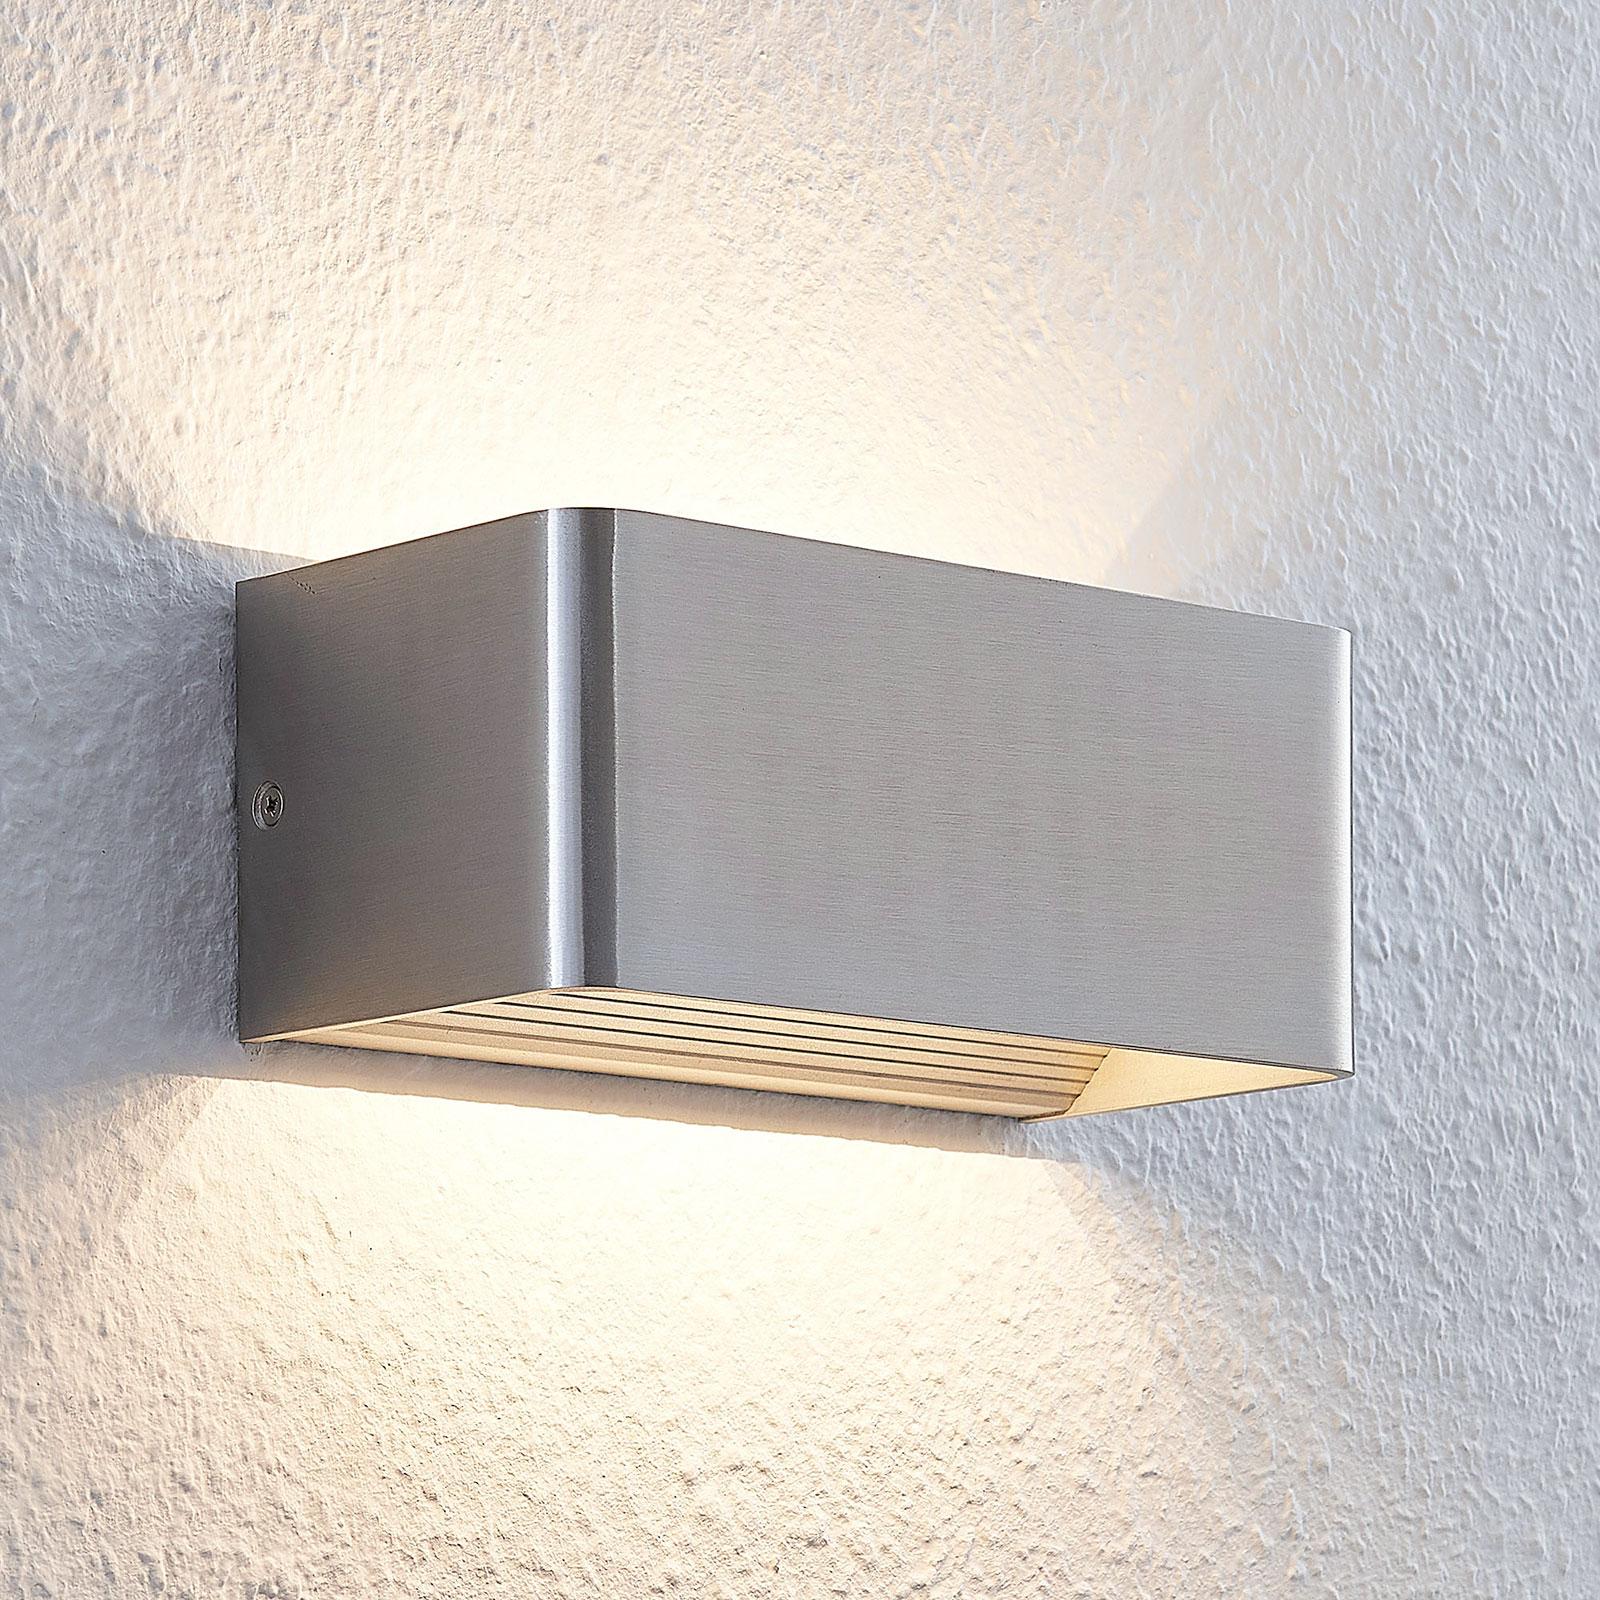 Tyylikäs LED-seinävalaisin Lonisa, satin. nikk.